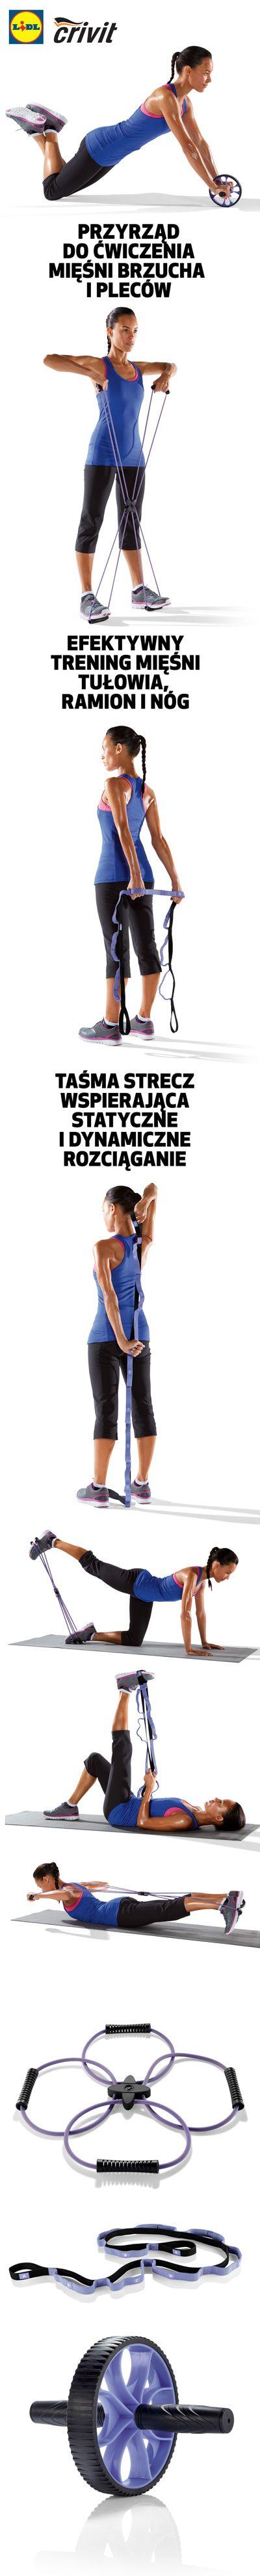 Niewielkie przyrządy do ćwiczeń zmieszczą się w każdej domowej siłowni. Przygotuj swoje ciało na wiosnę! #lidl #fitness #trening #przyrzady